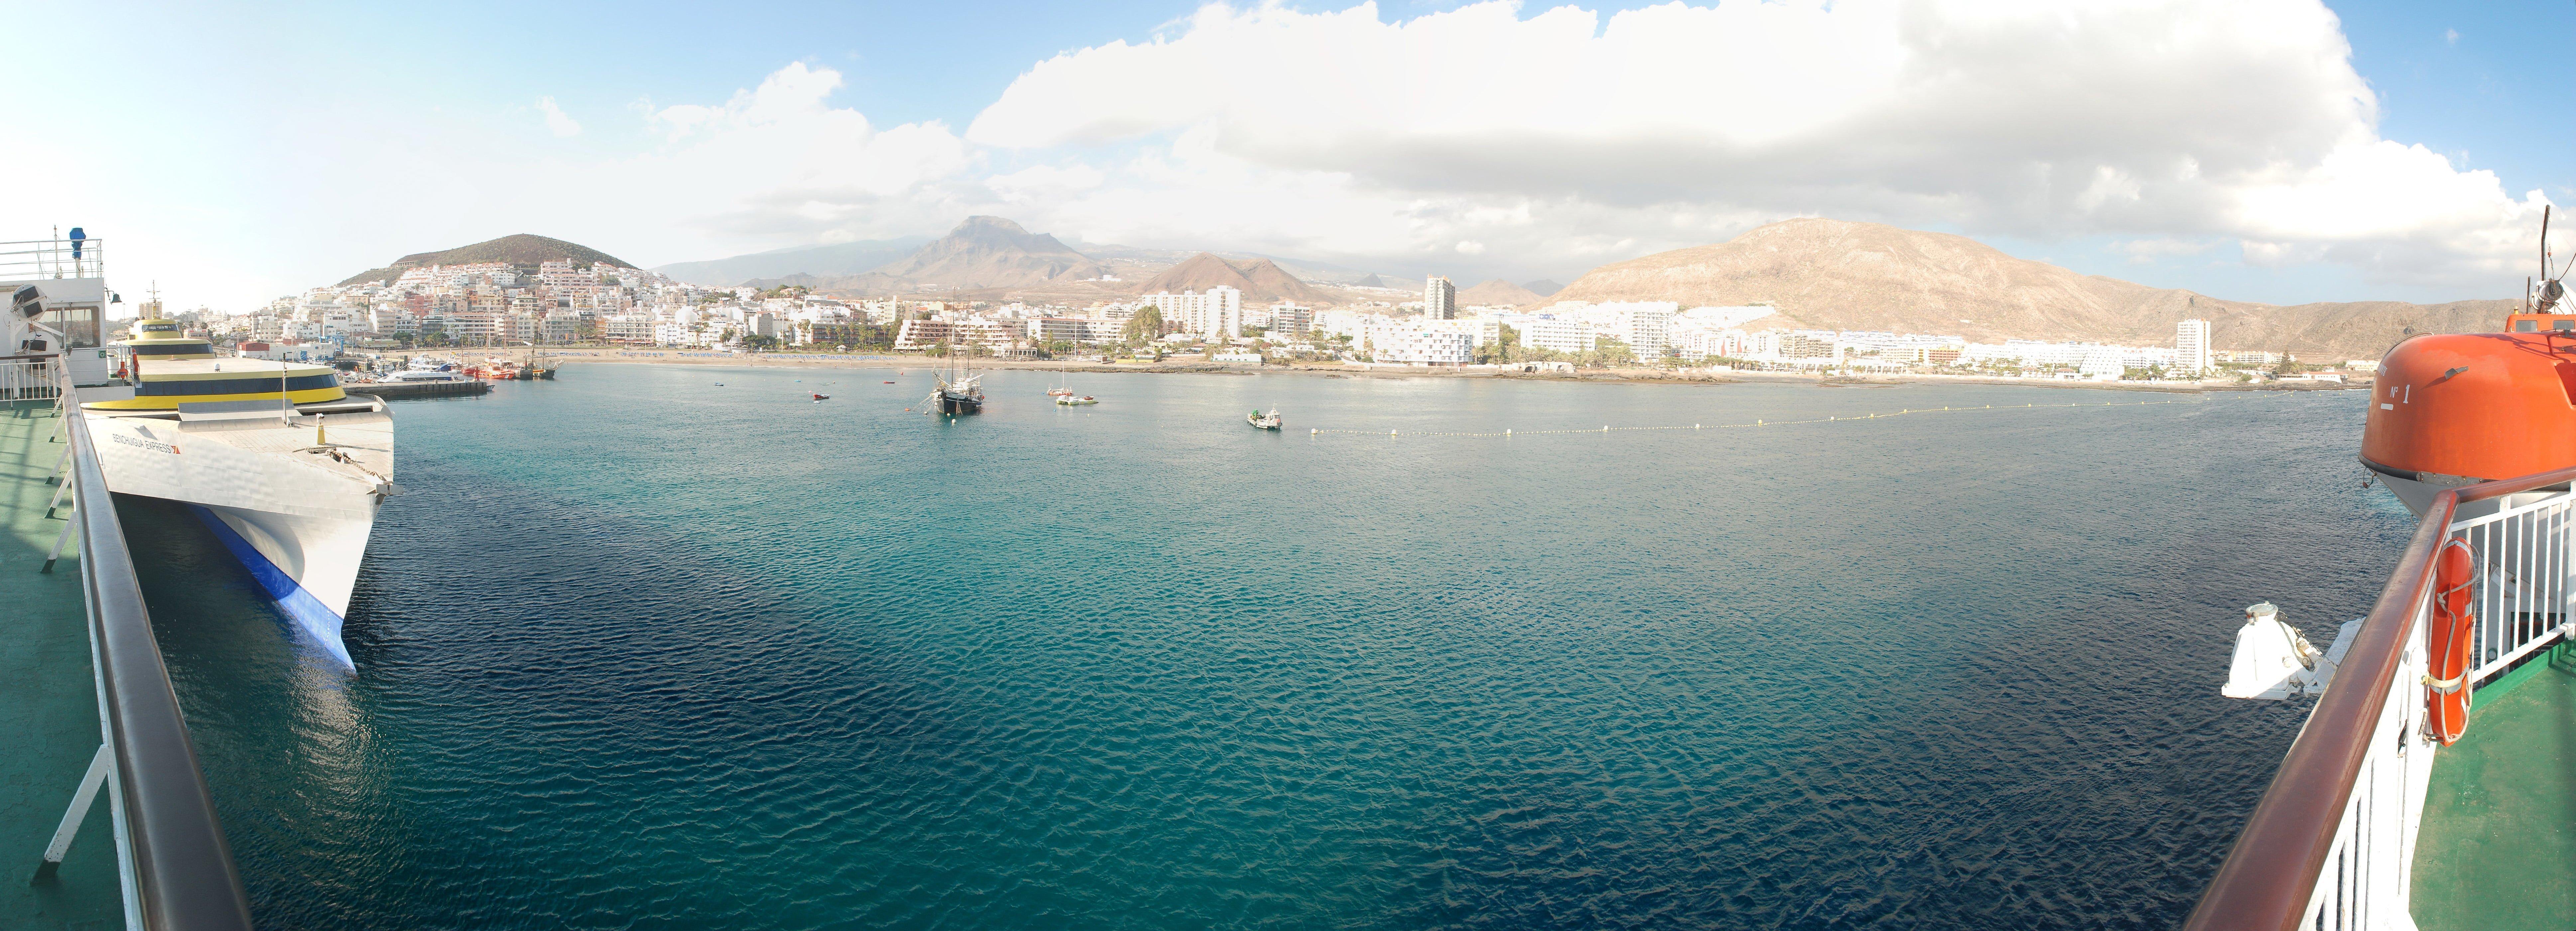 kanarya adaları resimleri – 5